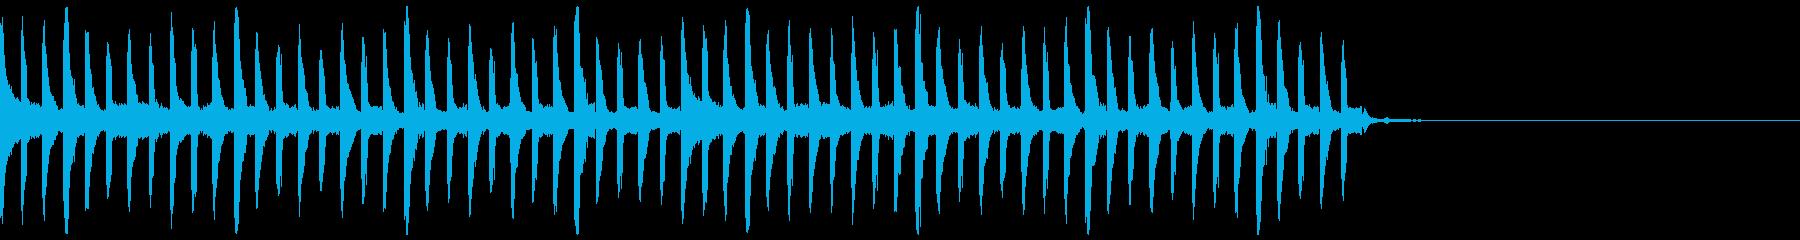 【ピコピコ】不思議なパワー、冒険BGMの再生済みの波形